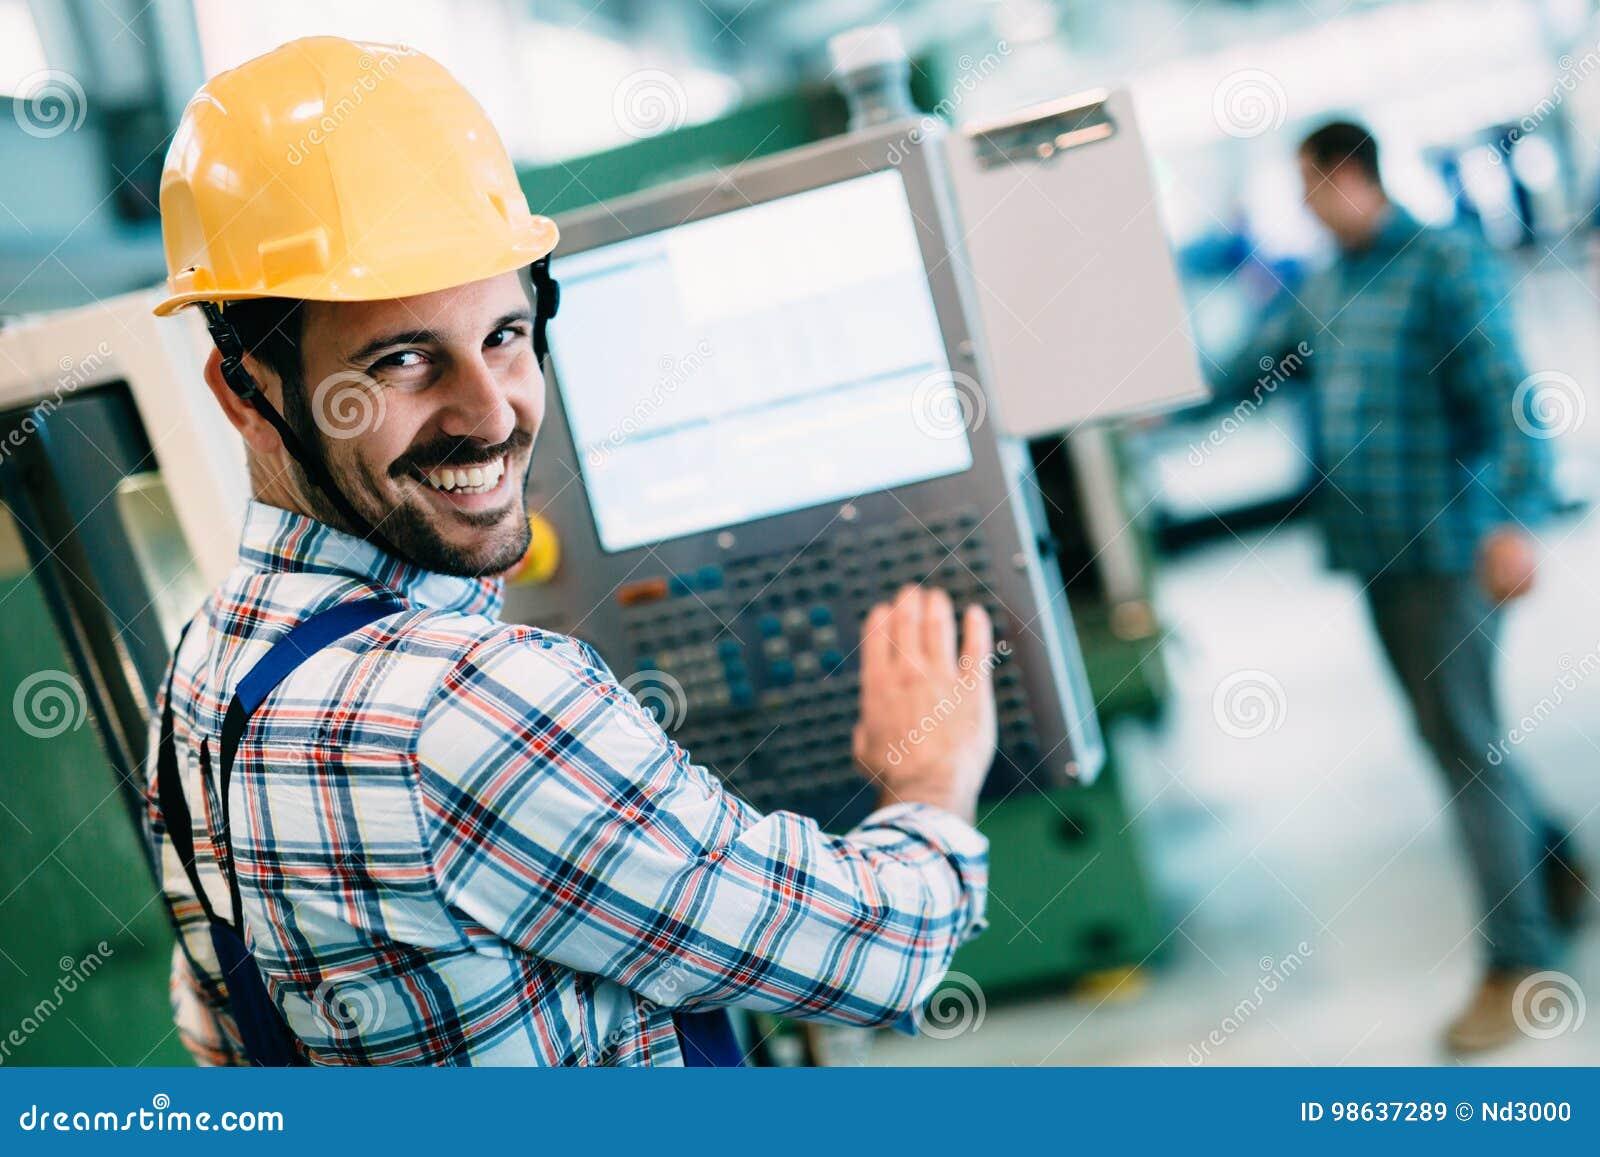 Impiegato industriale della fabbrica che lavora nell industria manufatturiera del metallo